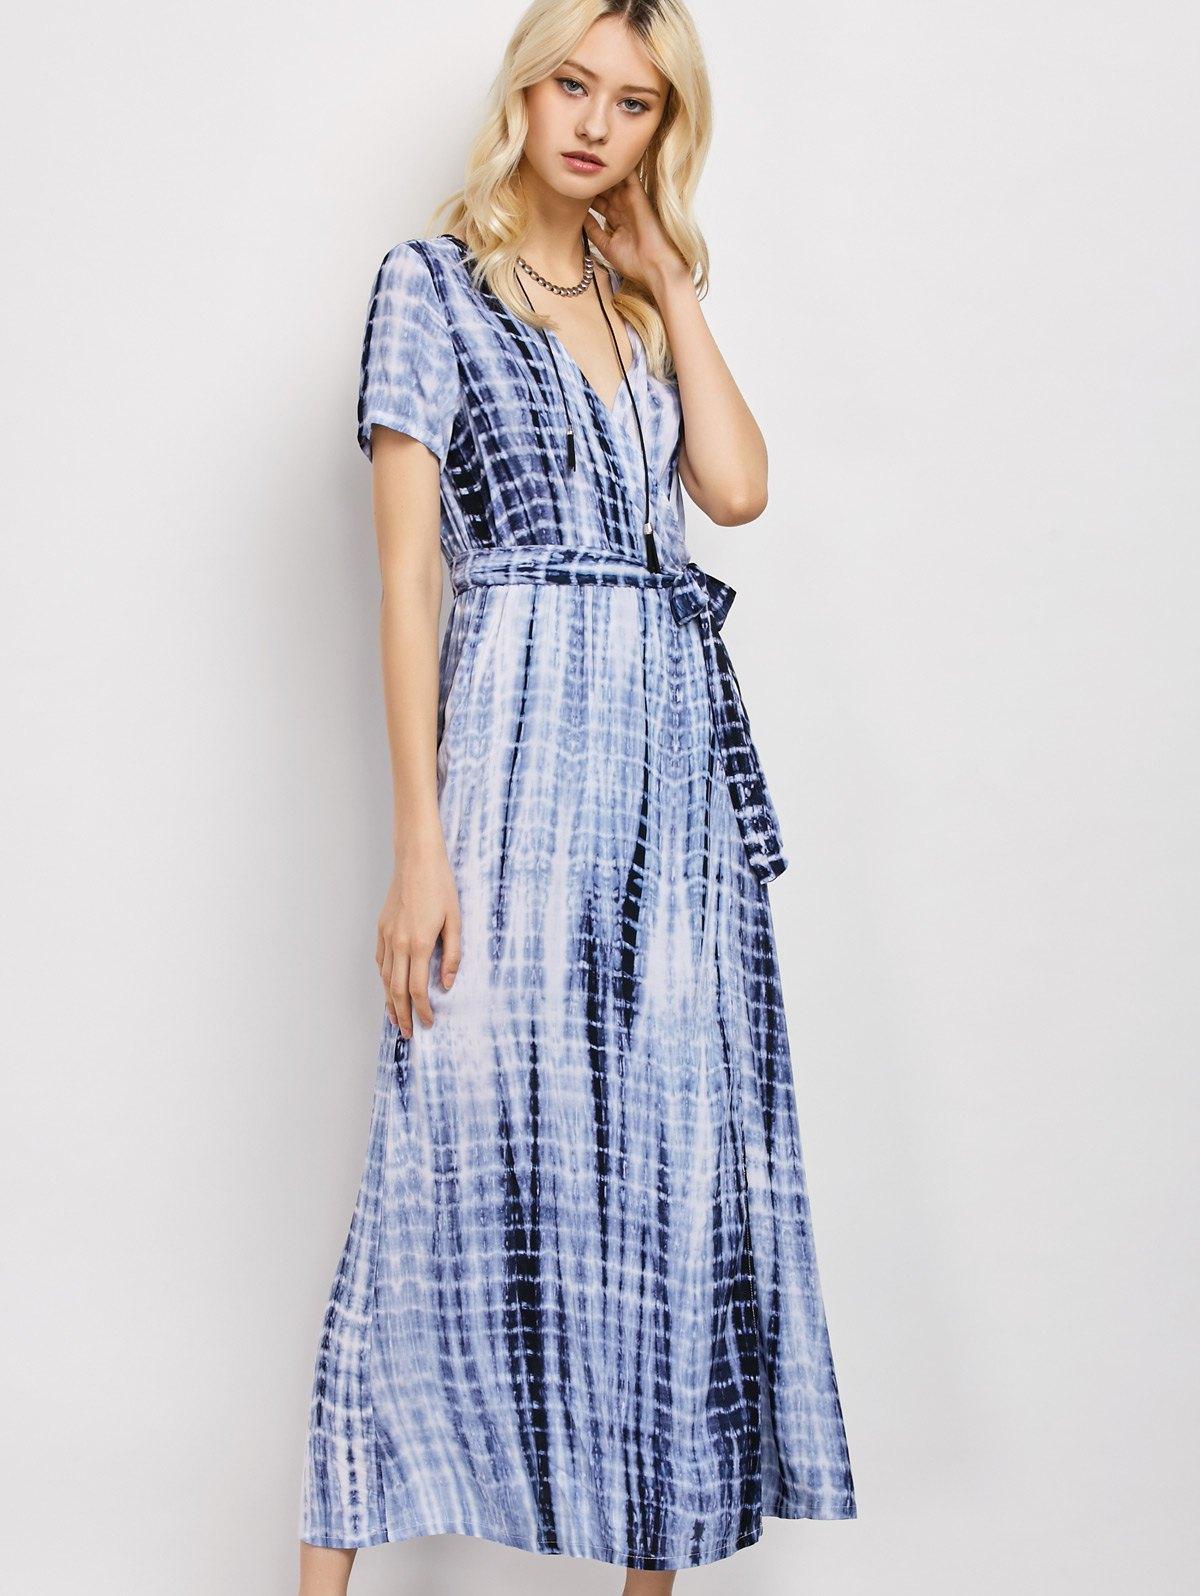 Tie-Dyed Plunge Neck Surplice Maxi DressClothes<br><br><br>Size: XL<br>Color: DEEP BLUE